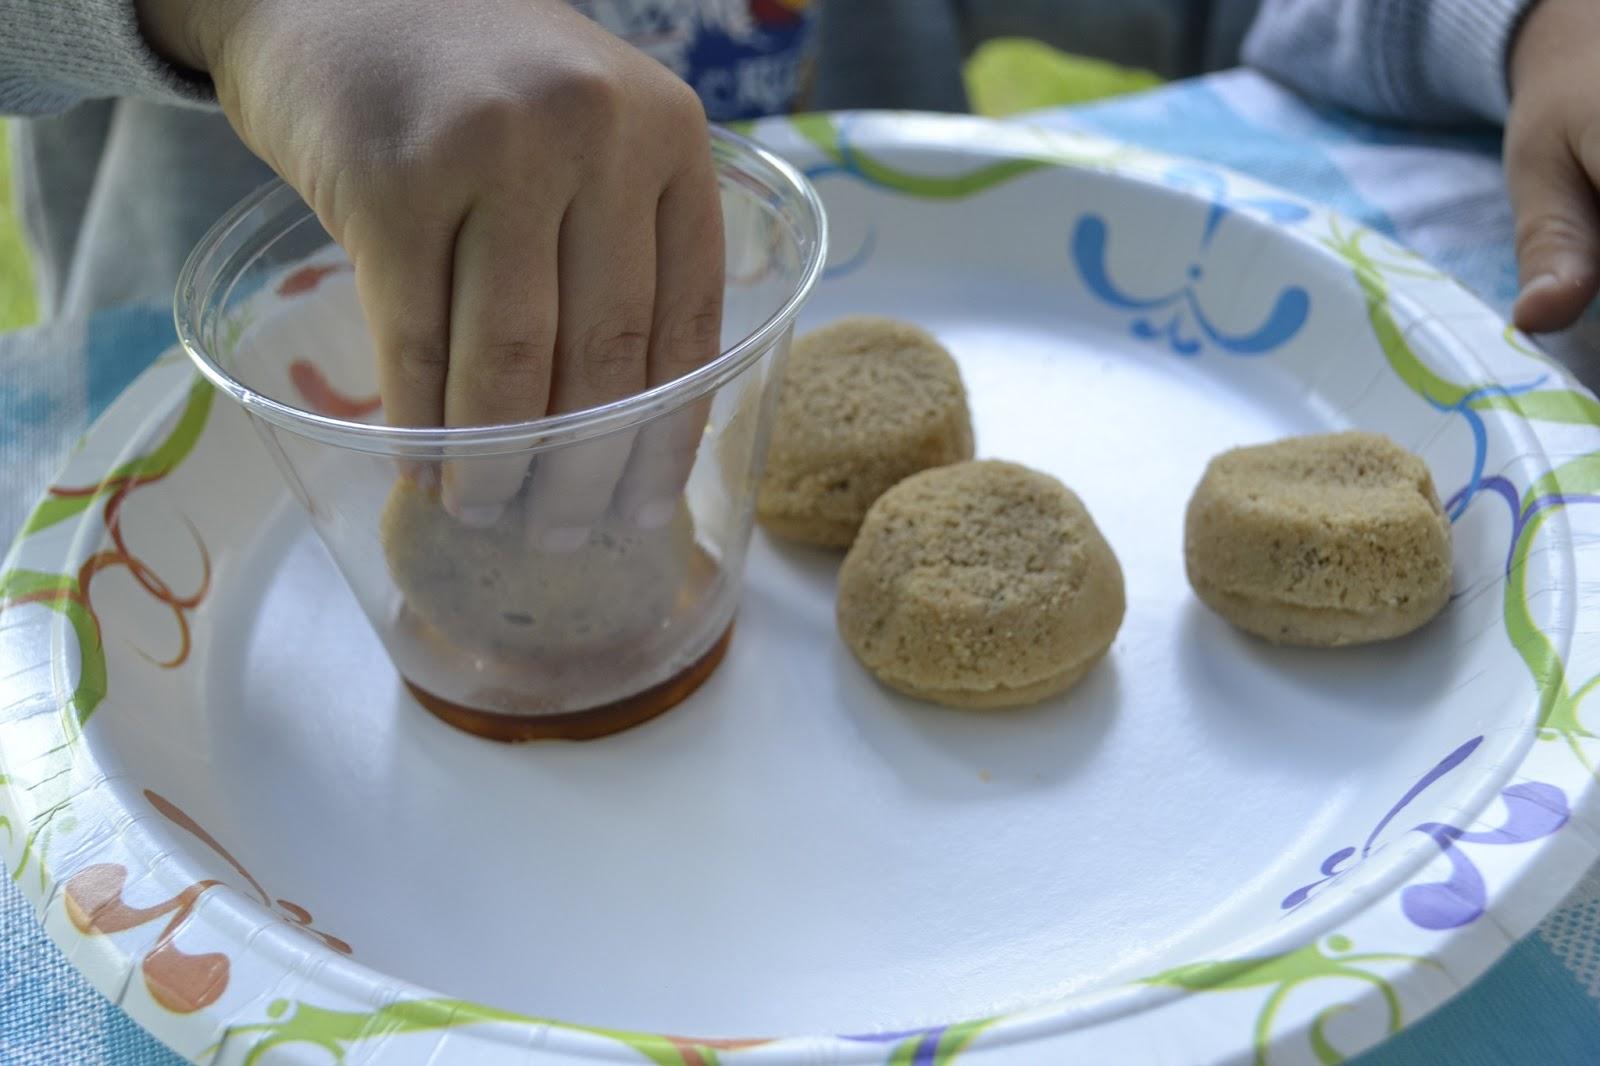 #glutenfree #dairyfree #eggfree #pancake #muffins